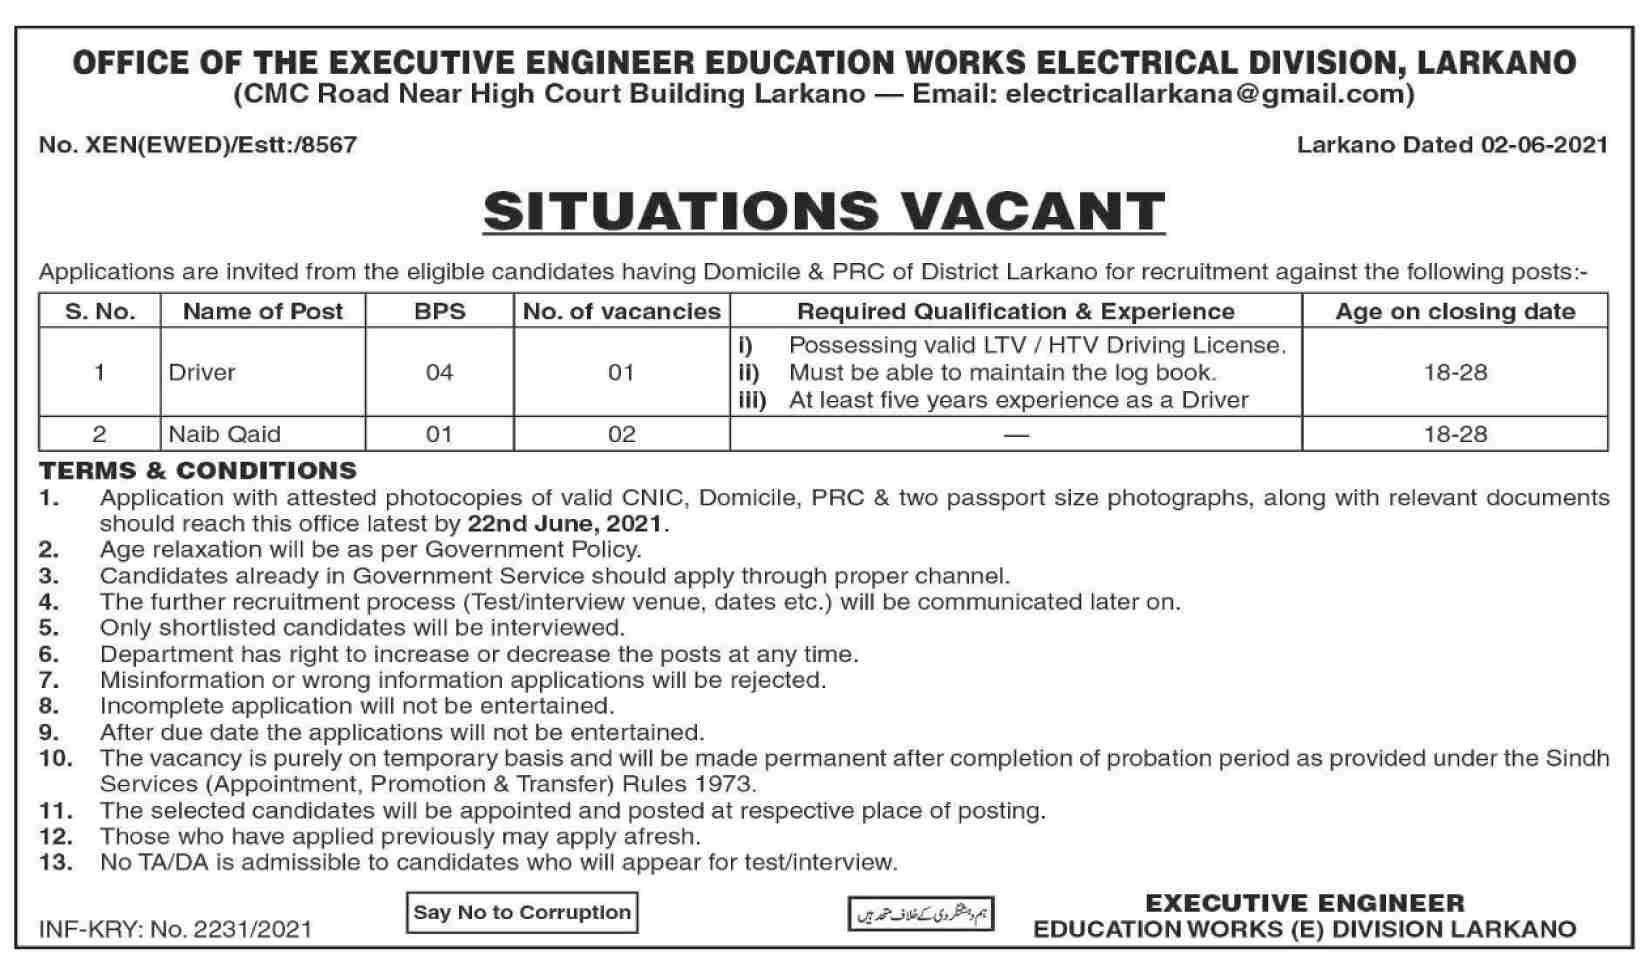 Education Works Division Larkana Driver & Naib Qasid Jobs